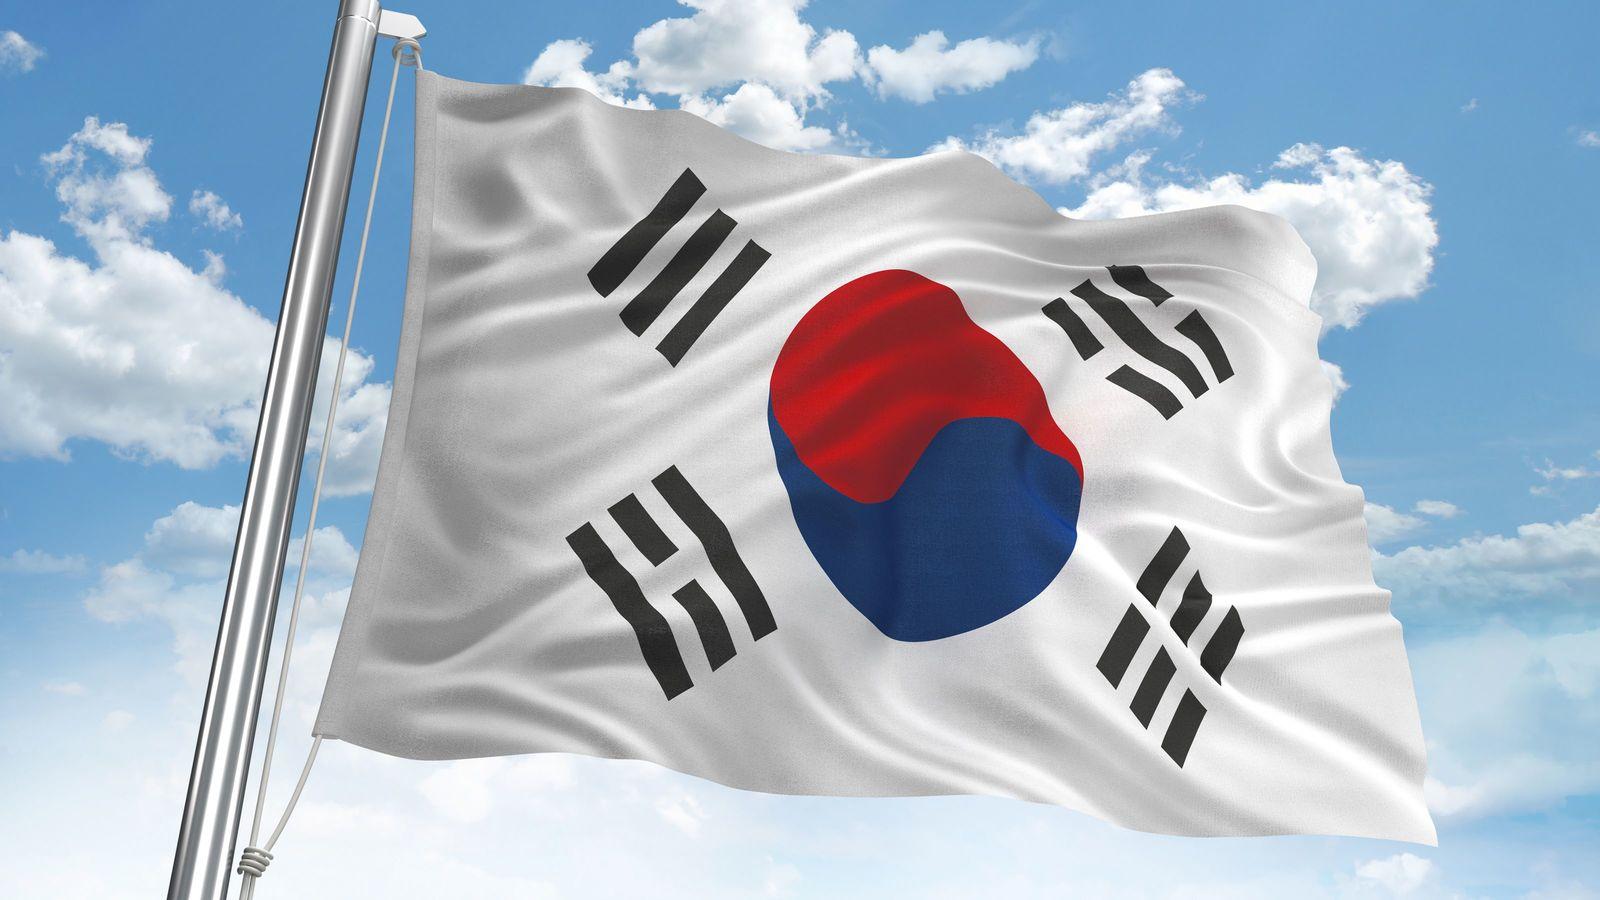 「わが国は小中華」韓国が日本をずっと下に見続け恨む理由 文大統領「日本は謙虚になれ」の真意